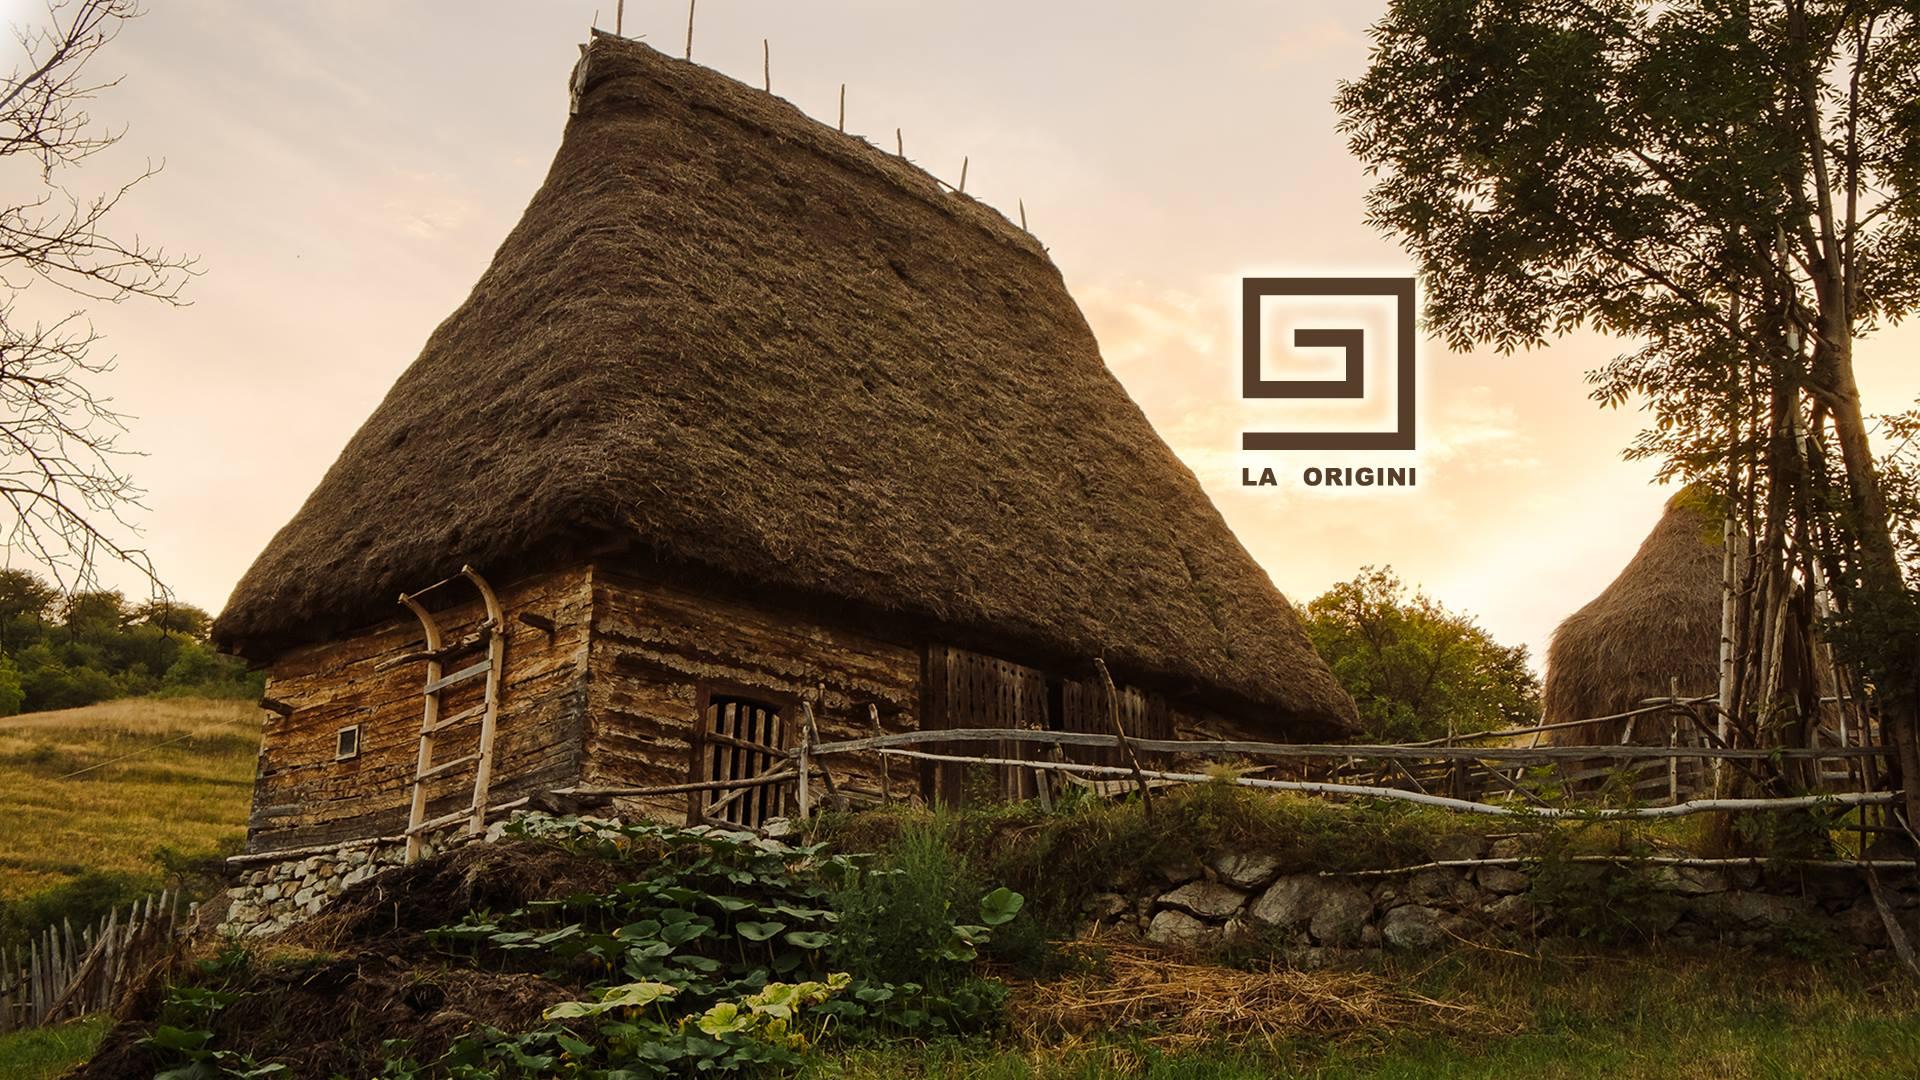 Primului Muzeu Viu din Romania, in Muntii Apuseni, ne readuce la origini